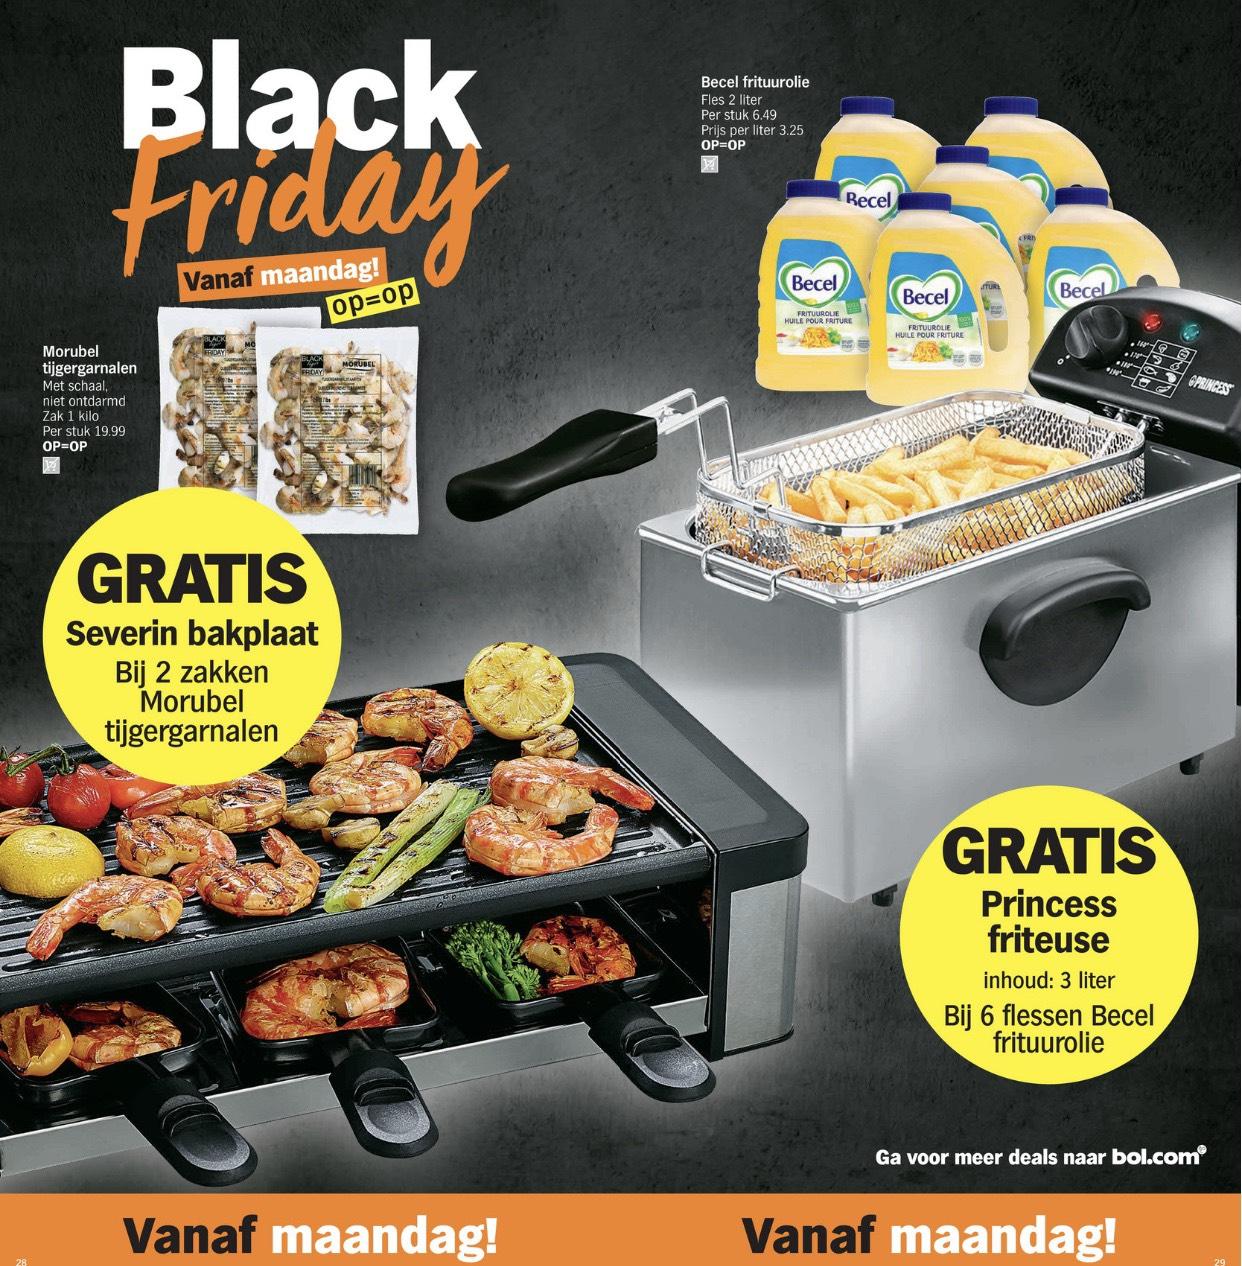 Black Friday @ Albert Heijn België - GRATIS bakplaat/friteuse/waterkoker bij aankoop van bepaalde items